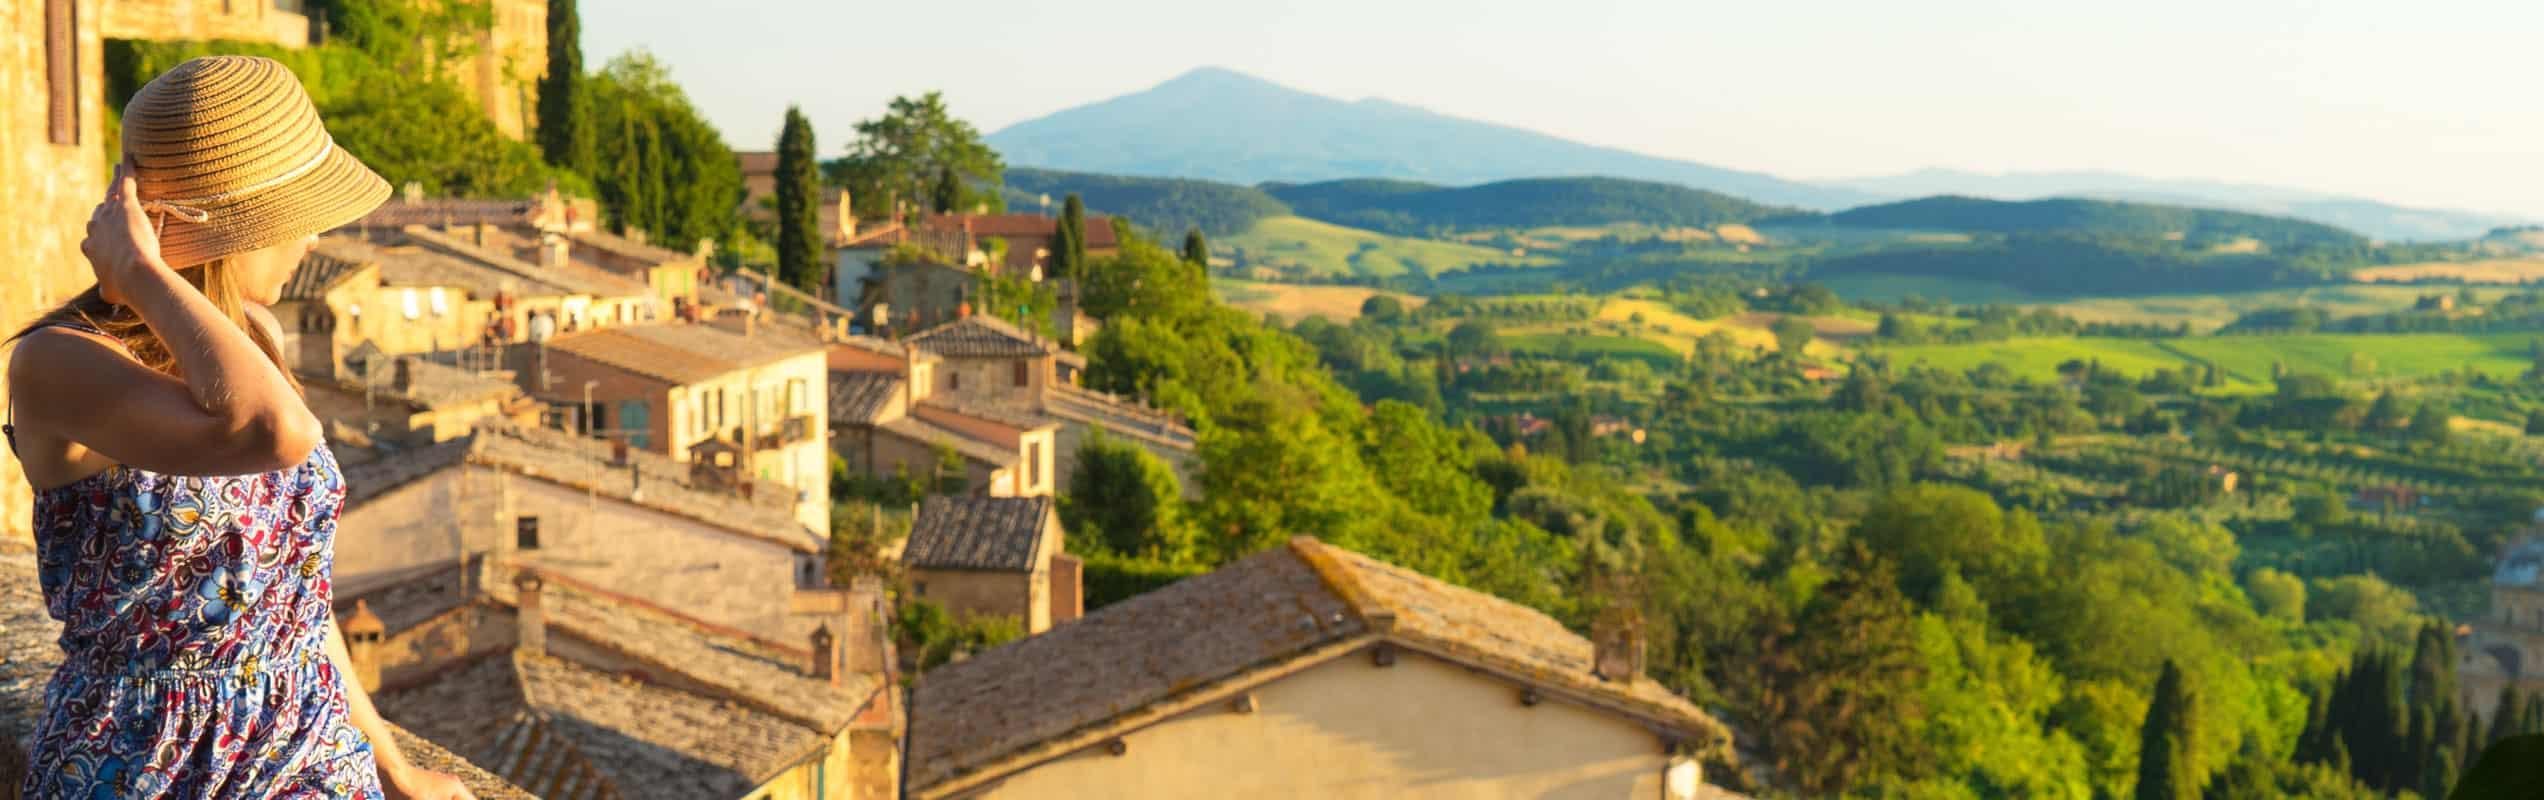 Hello Voyager Italy Textile Tour